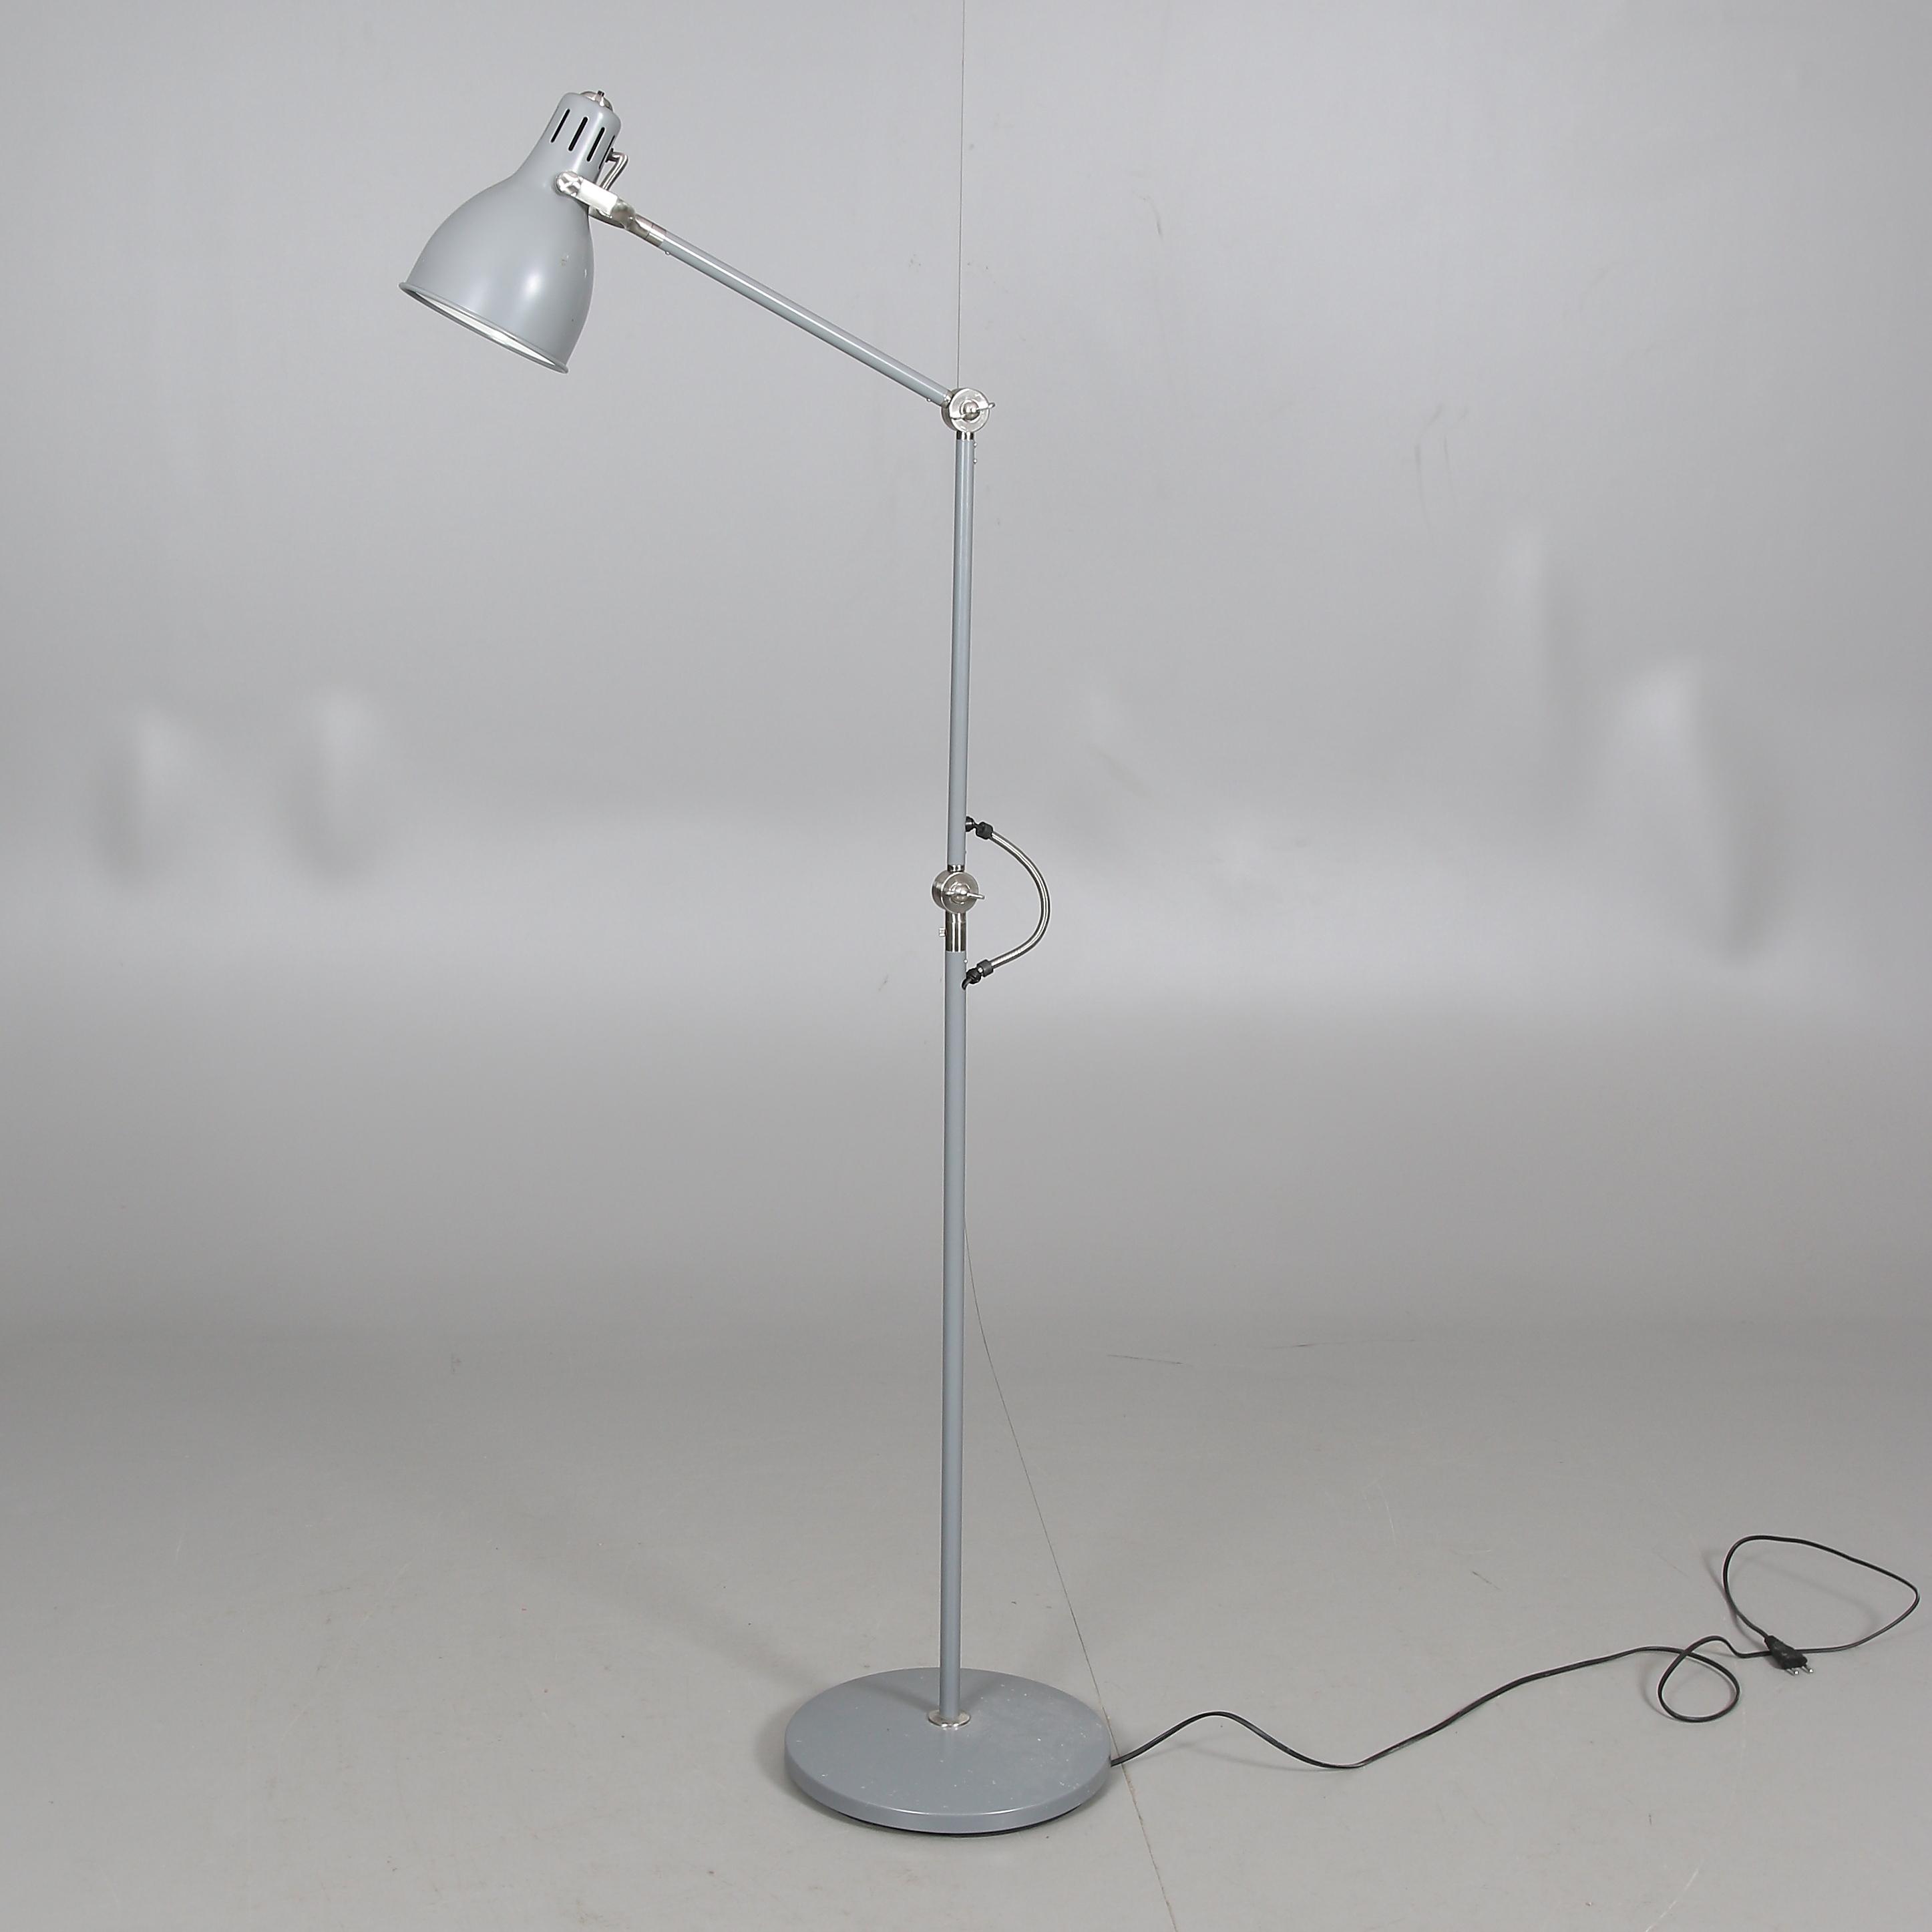 Golvlampa Metall Arod Ikea 2000 Tal Beleuchtung Lampen